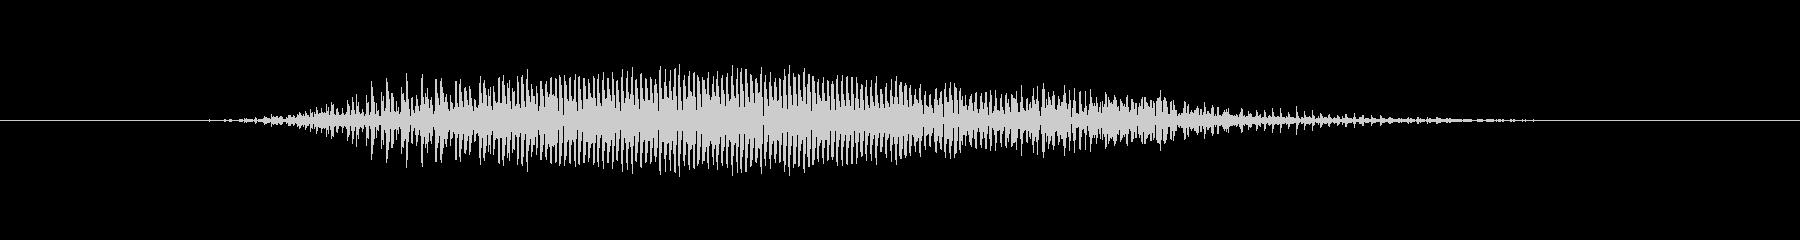 鳴き声 男性スクリームディープペイ...の未再生の波形